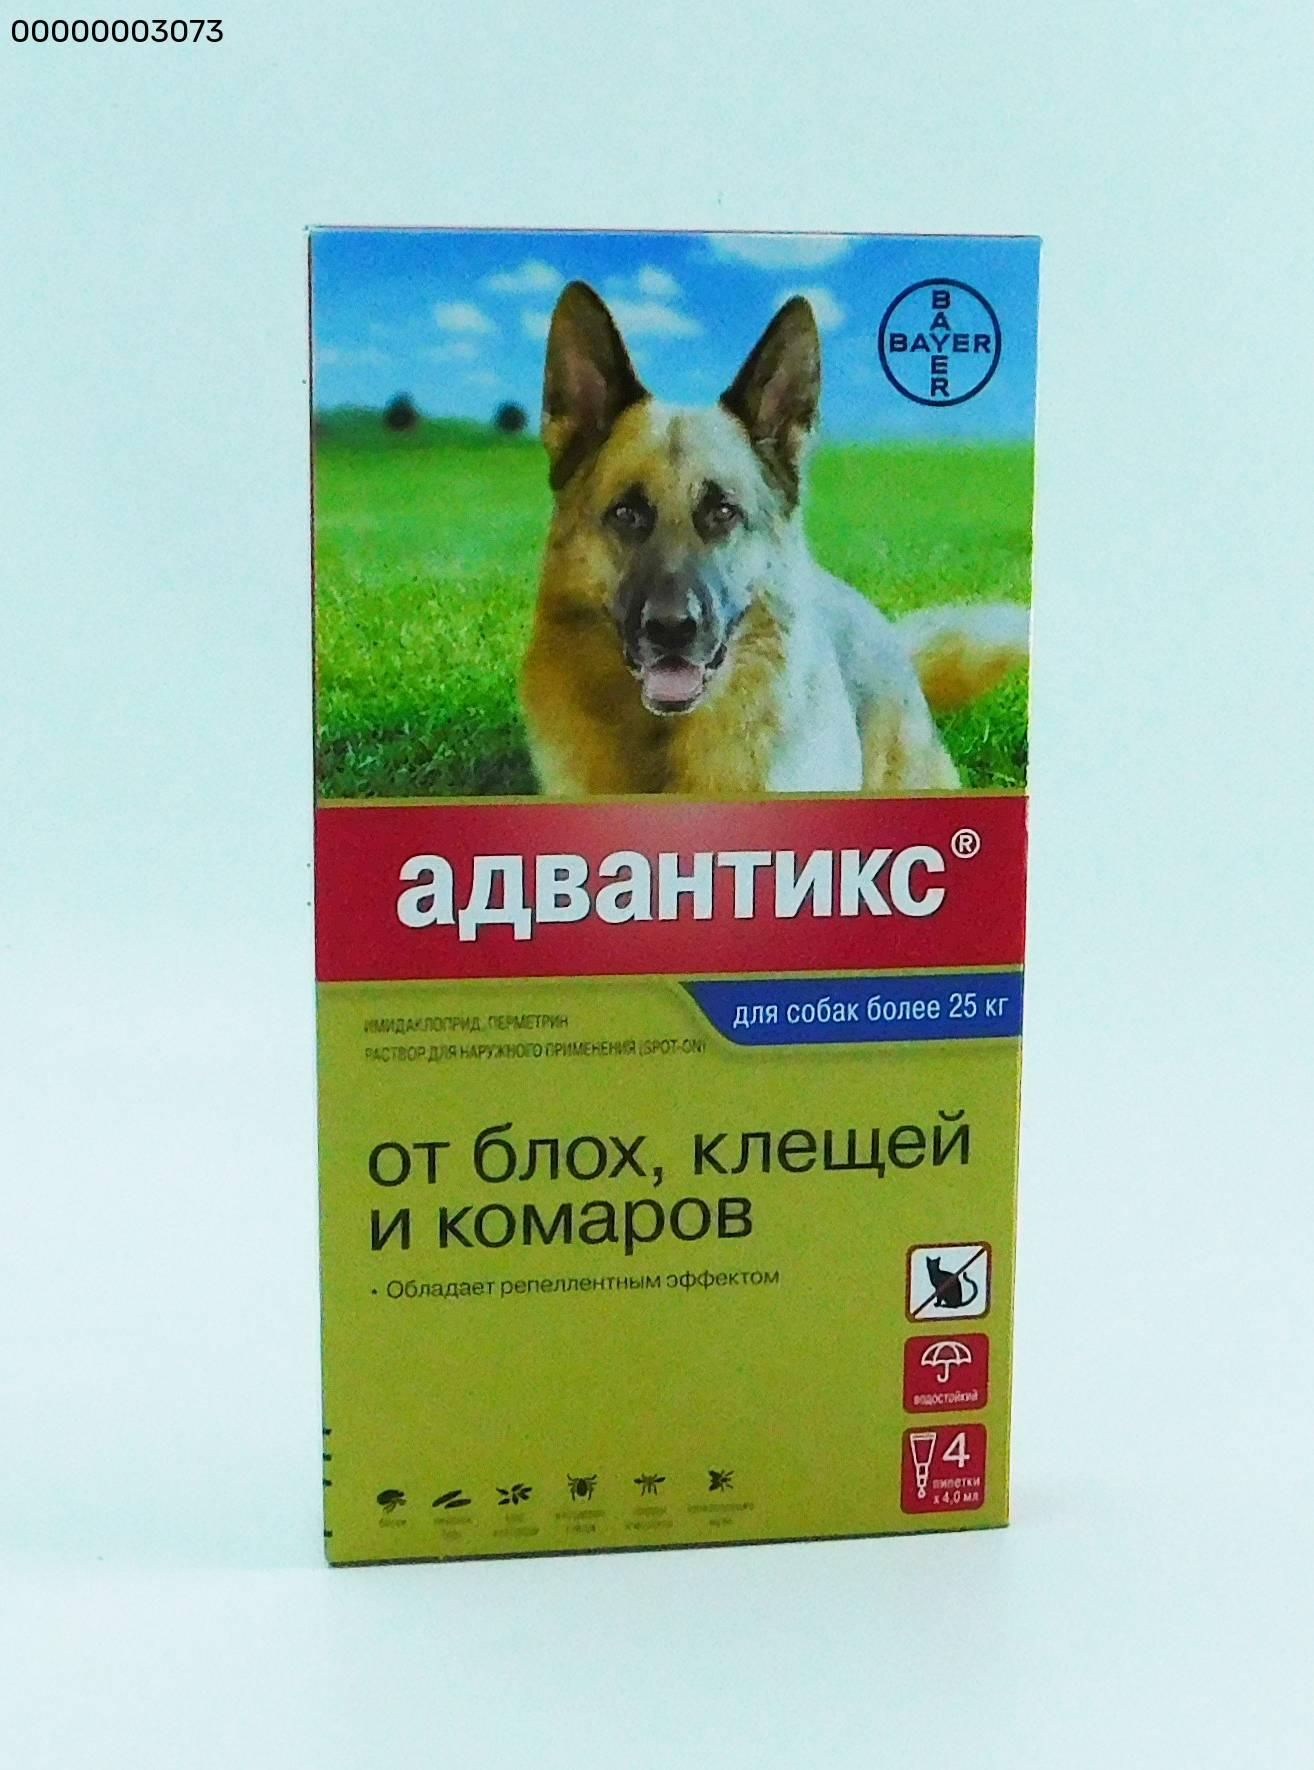 ᐉ адвантикс для собак: инструкция по применению - ➡ motildazoo.ru